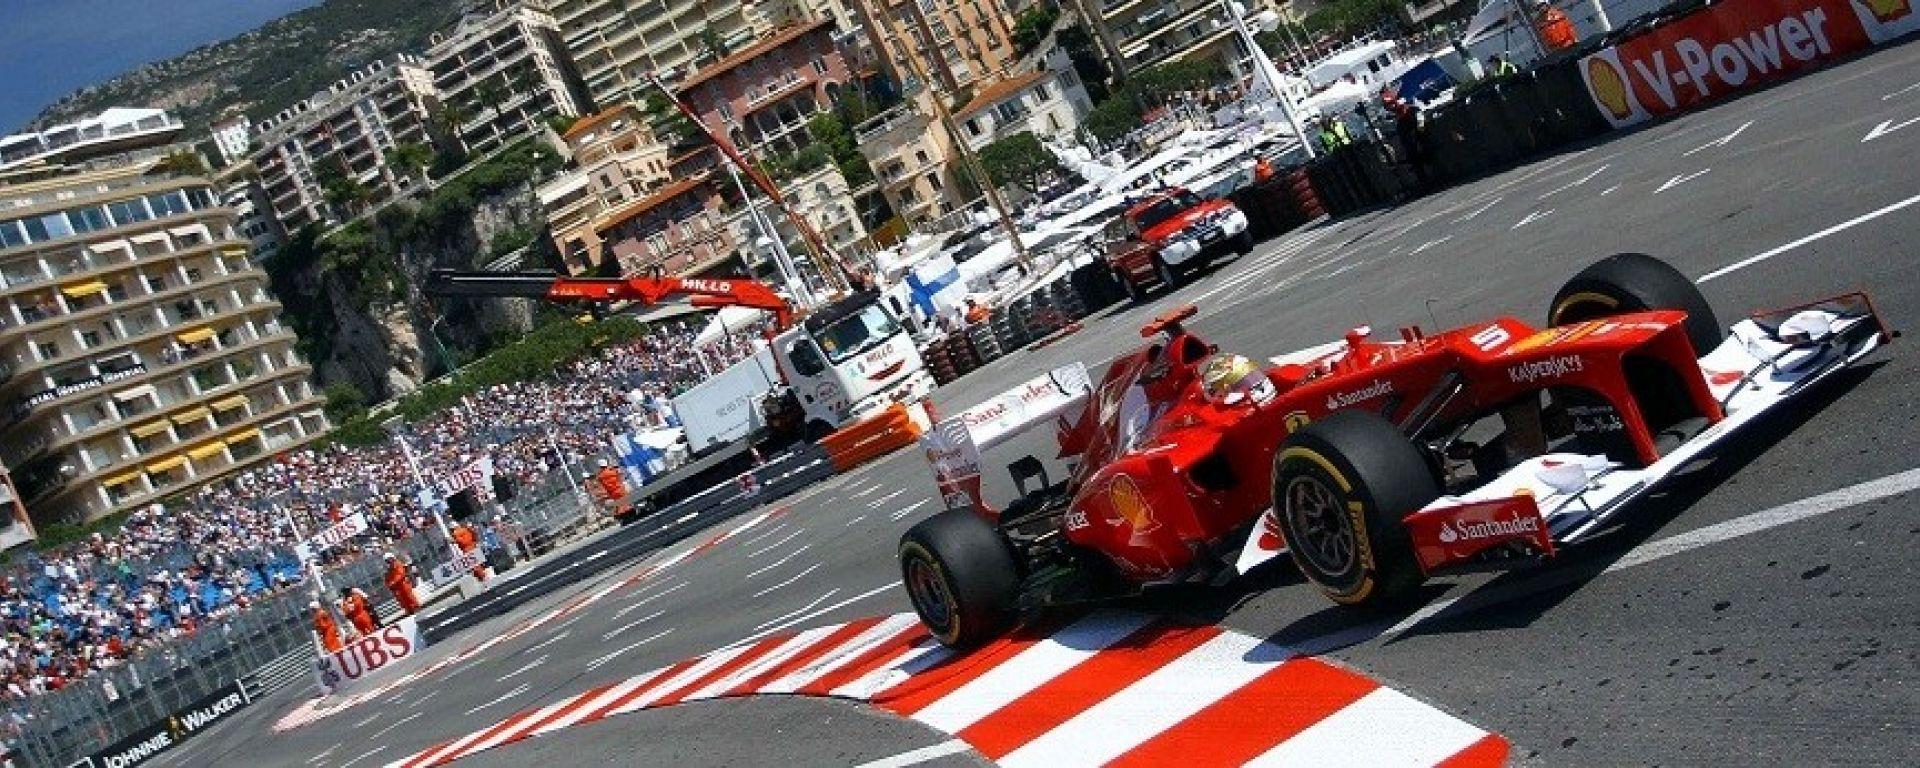 Circuito Monaco : F gp monaco f gran premio di monaco motorbox